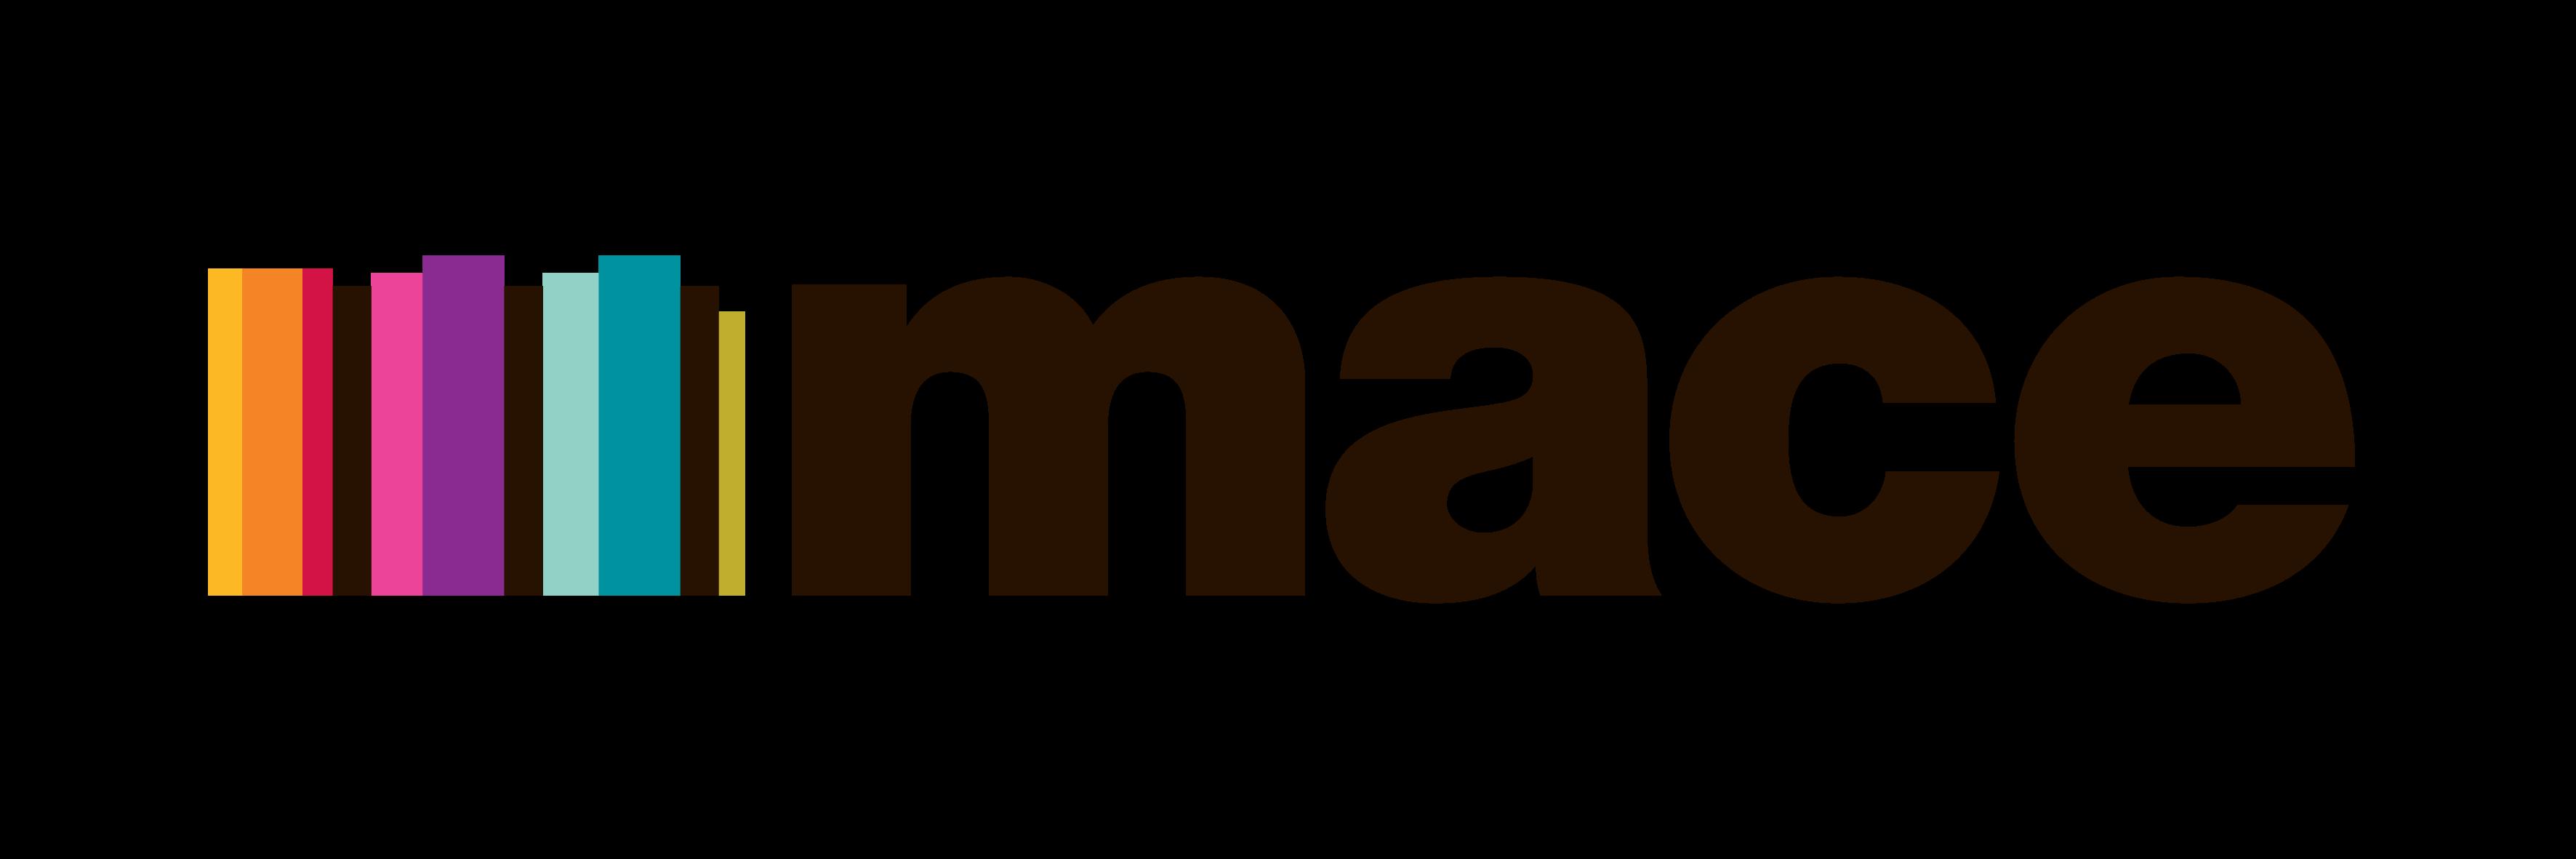 Logo Interpreter  calormencom